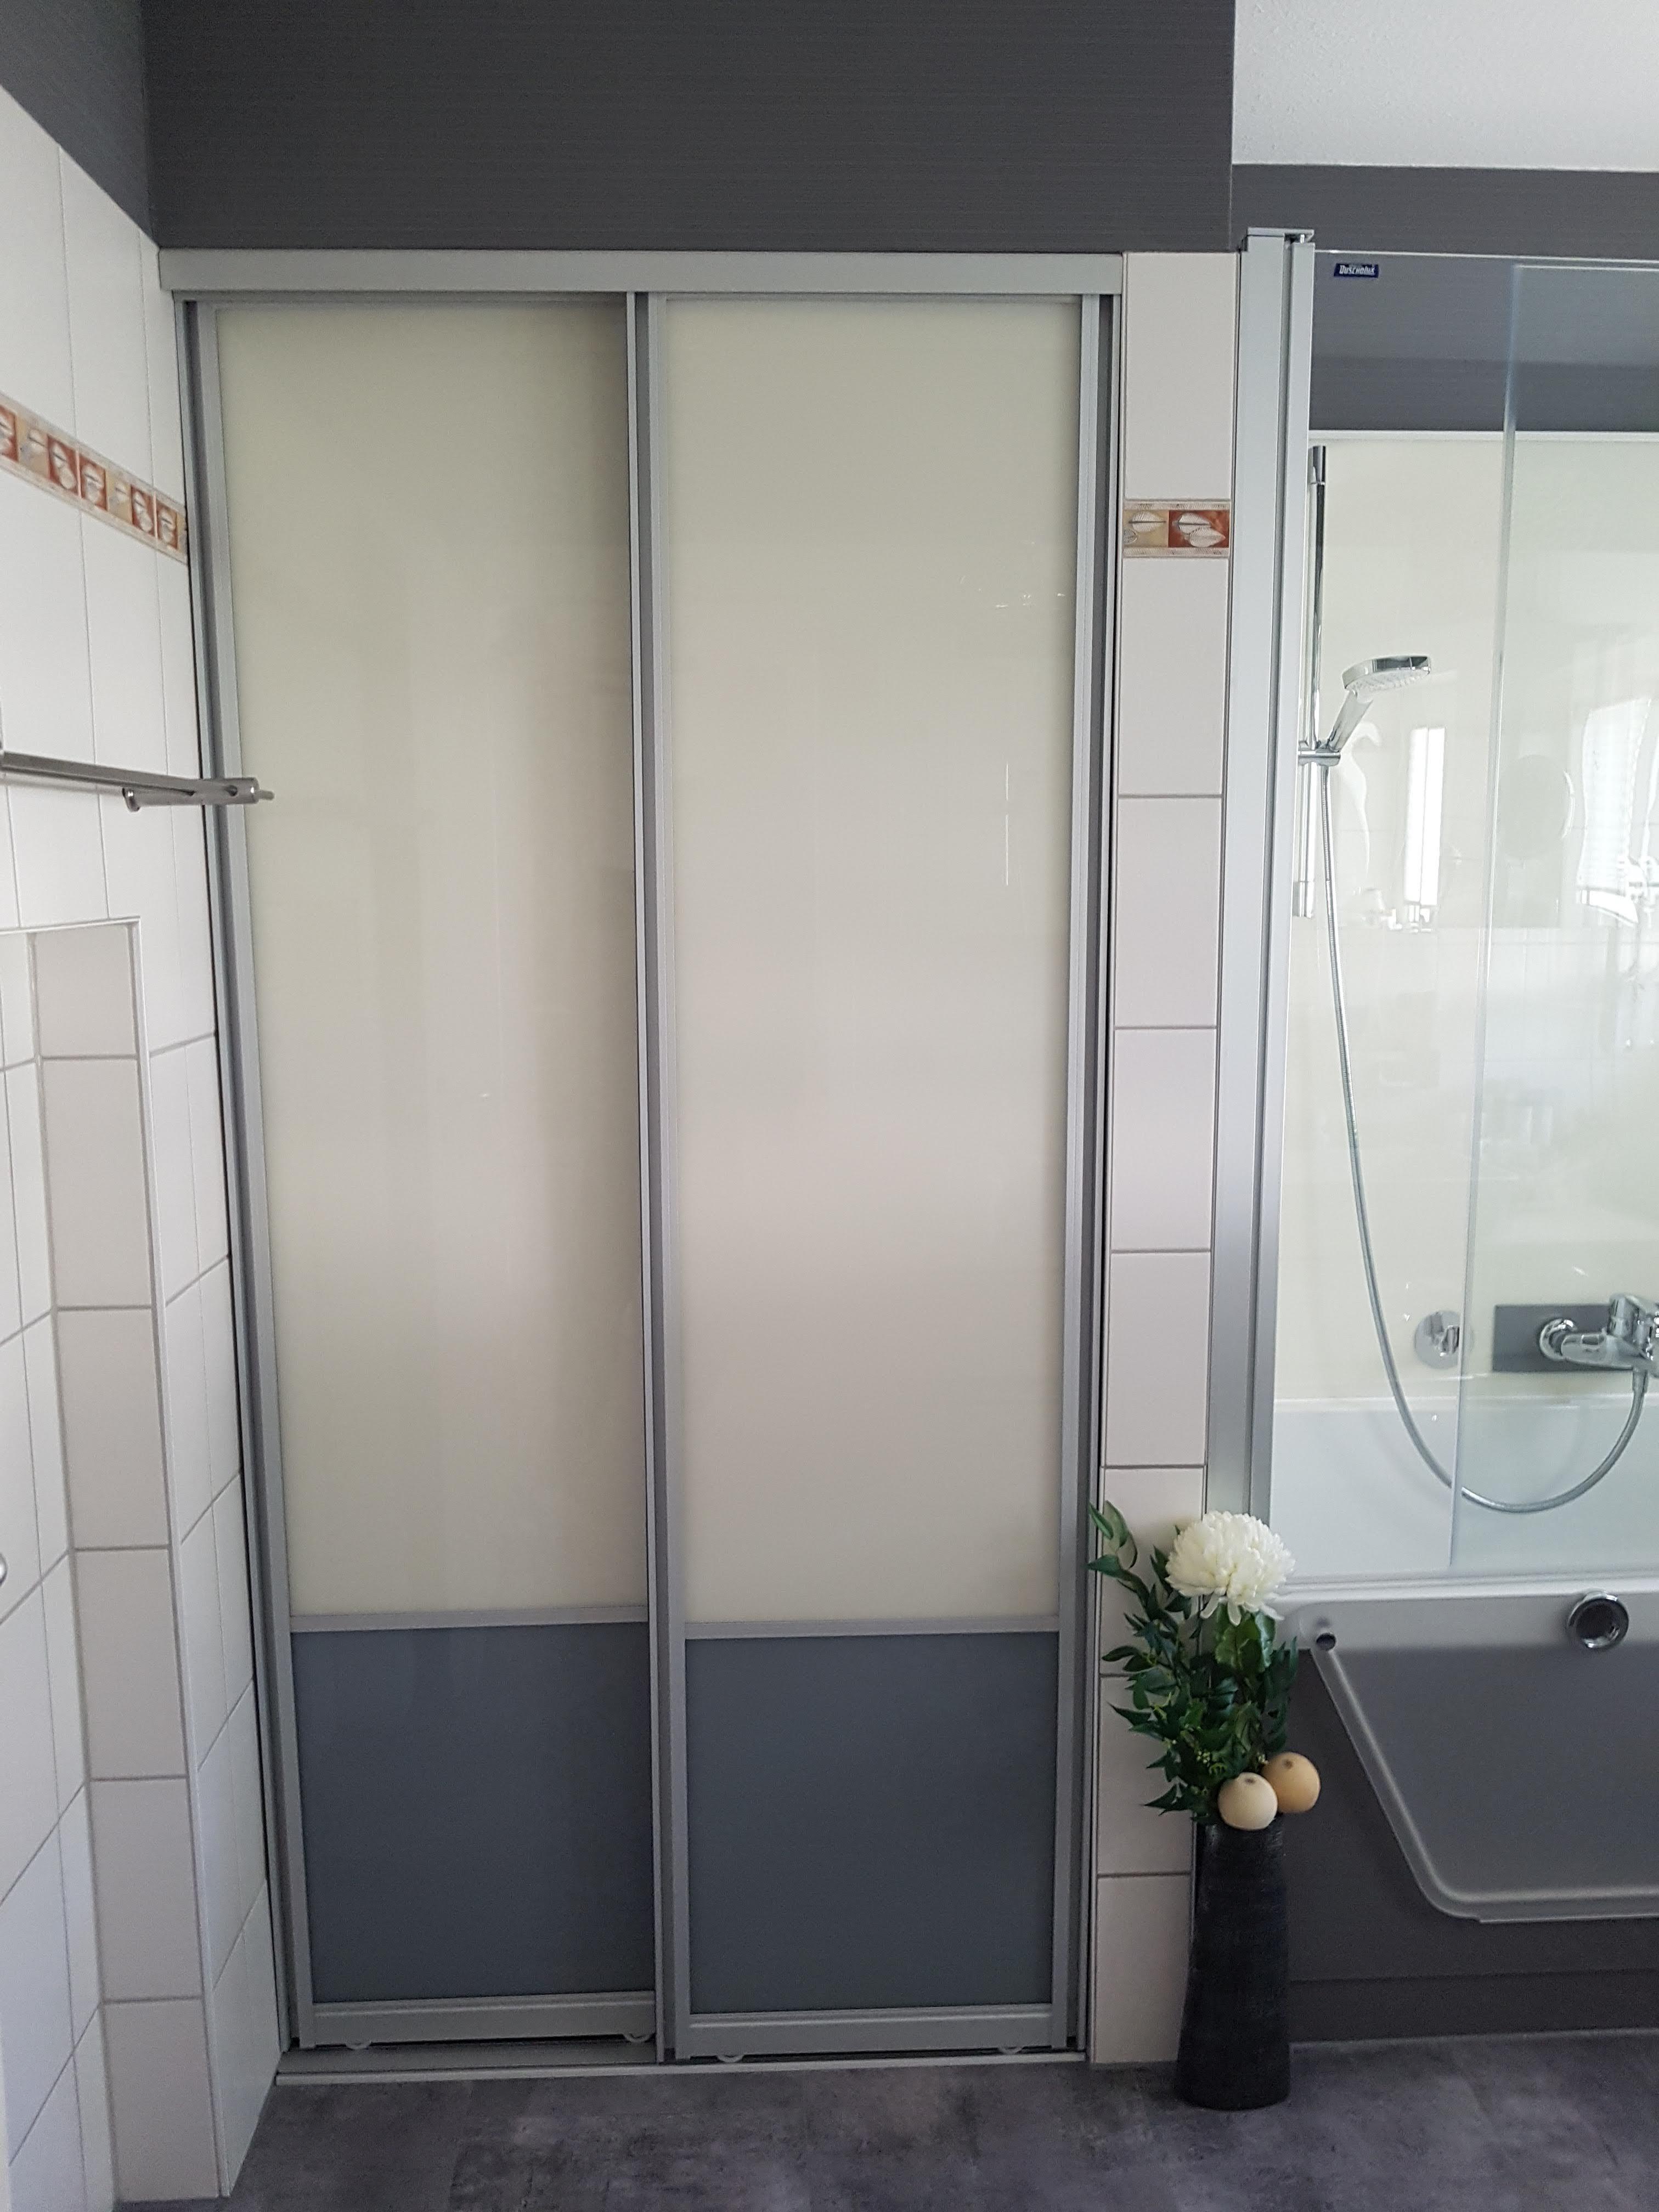 Schiebetüren für Abstellraum im Bad 2